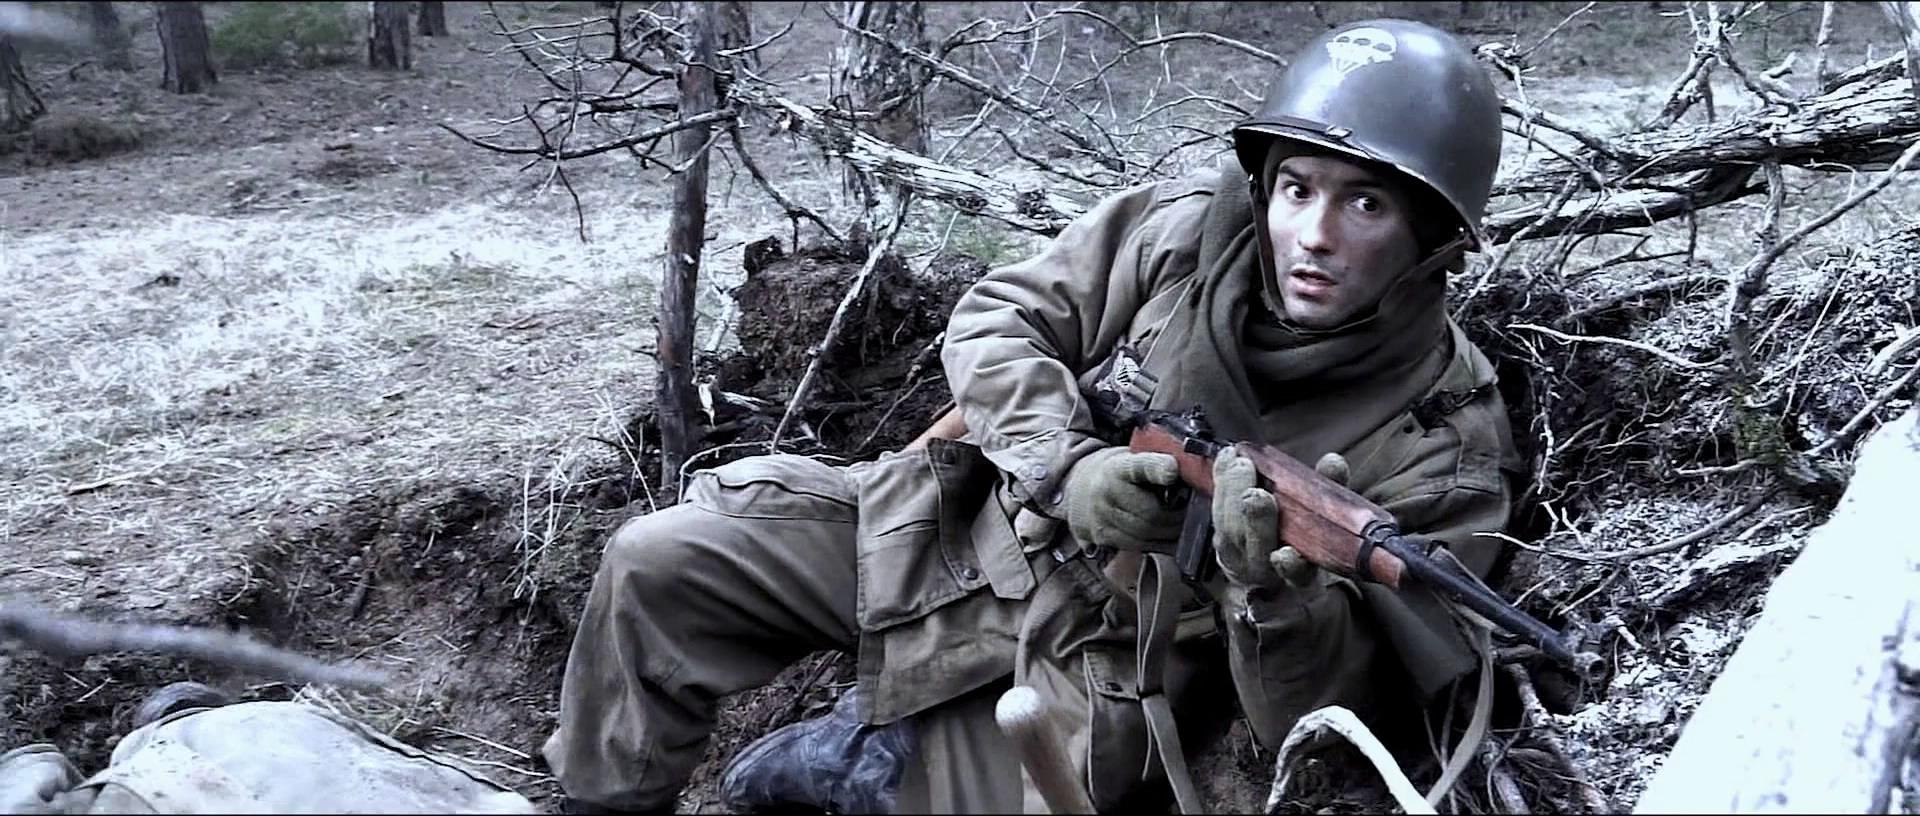 Неторопливое Ироничное Задумчивое - в Петербурге смотрели финское кино